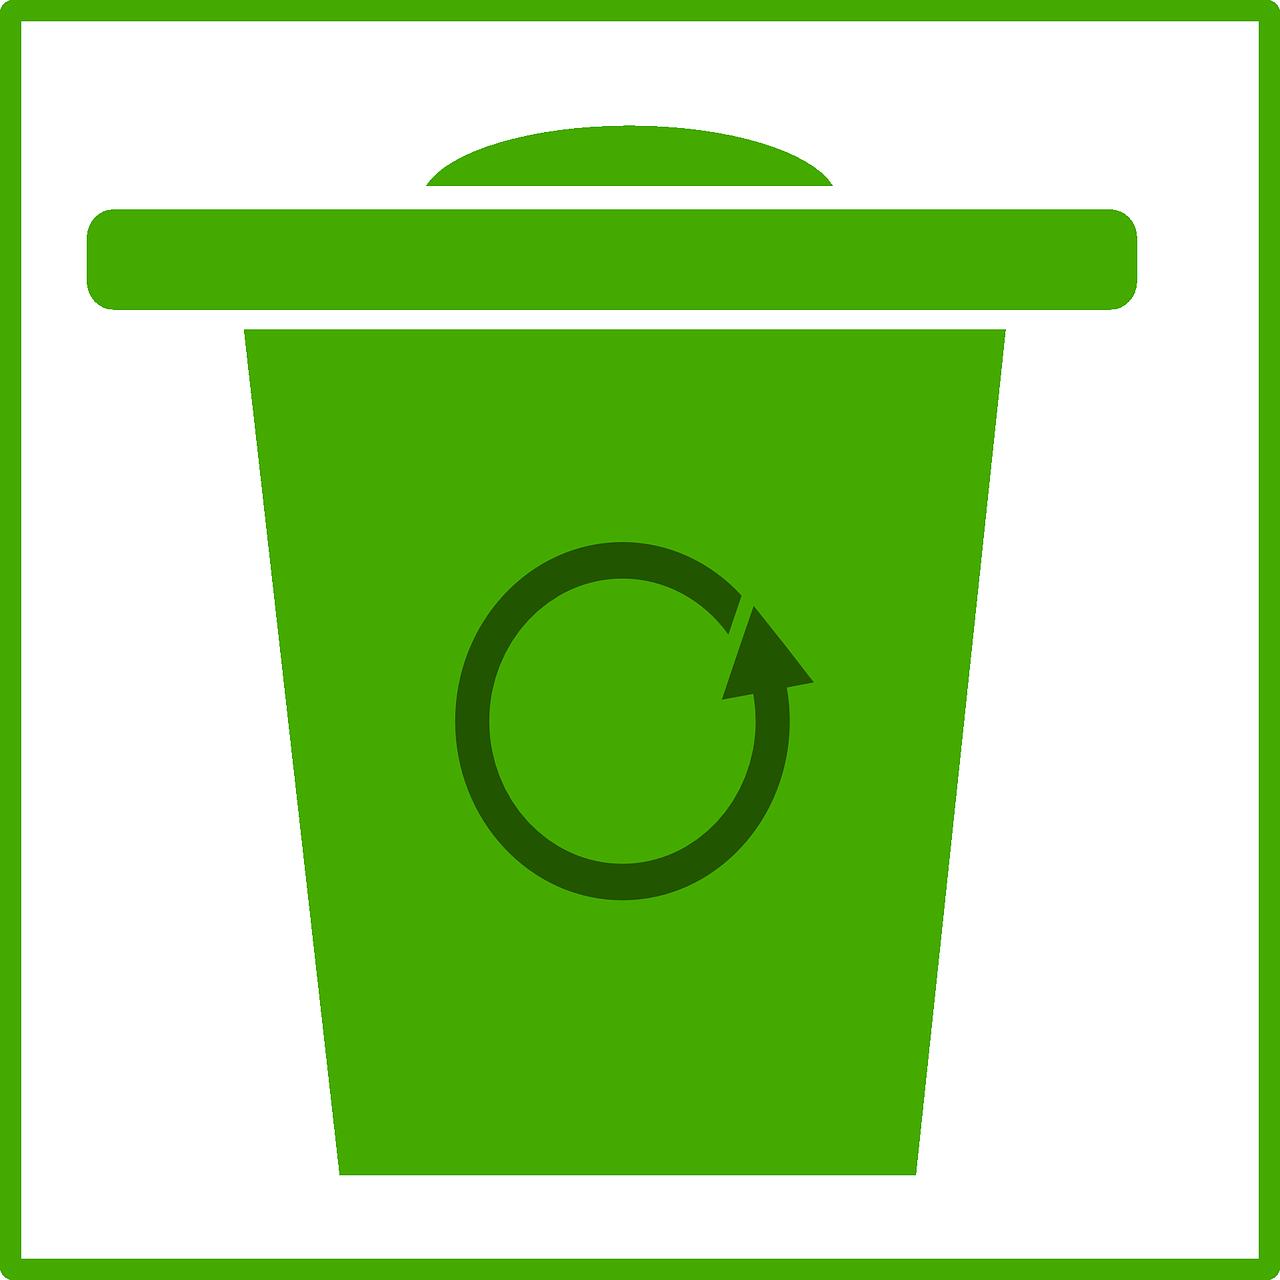 сфотографировала картинки значка мусора того, чтобы выбрать